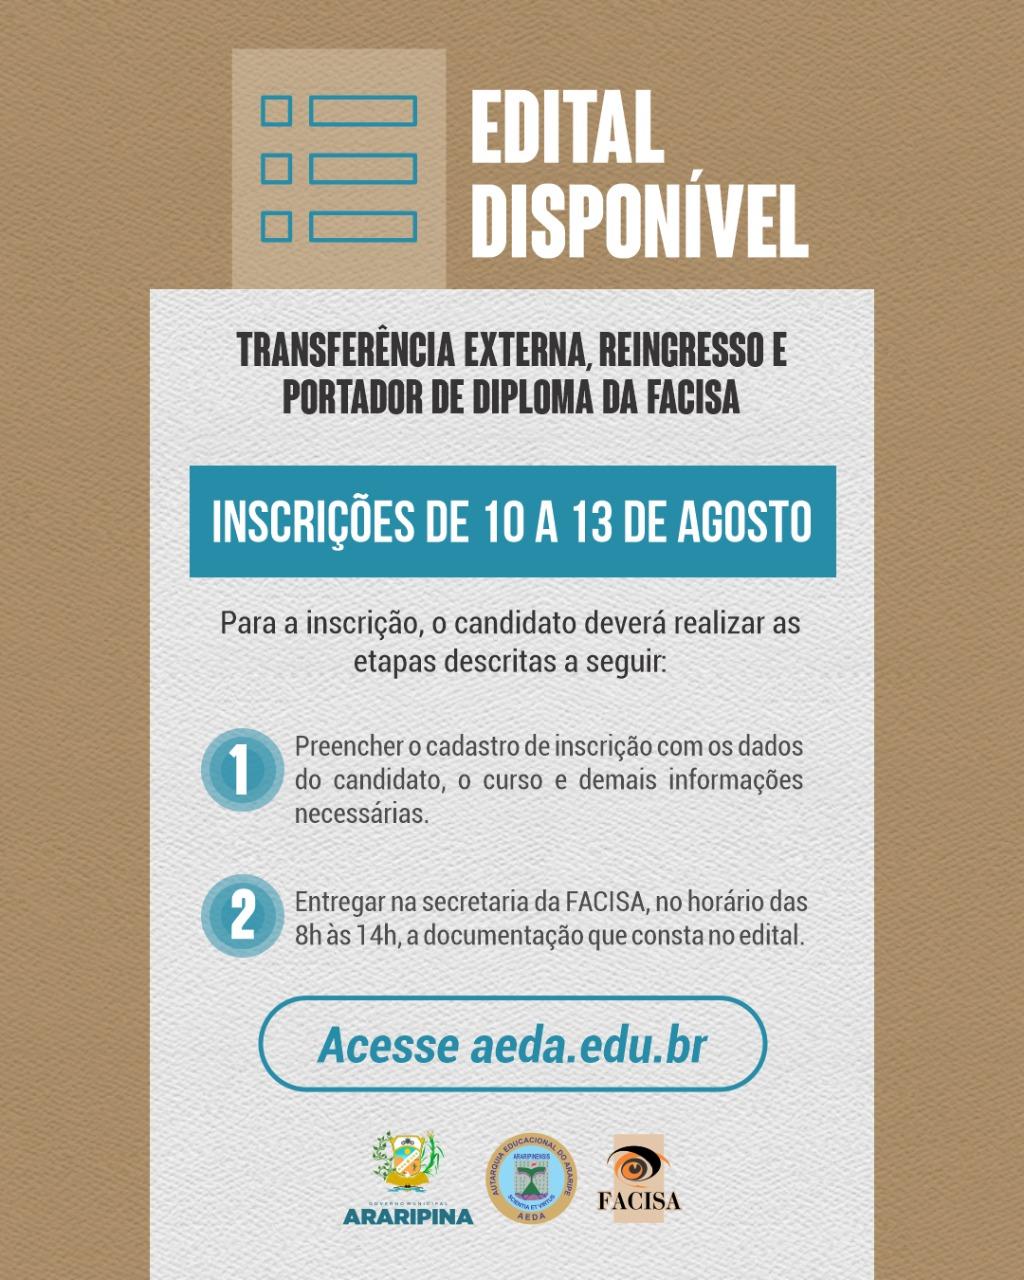 FACISA torna público edital de Transferência Externa, Reingresso e Portador de Diploma; confira